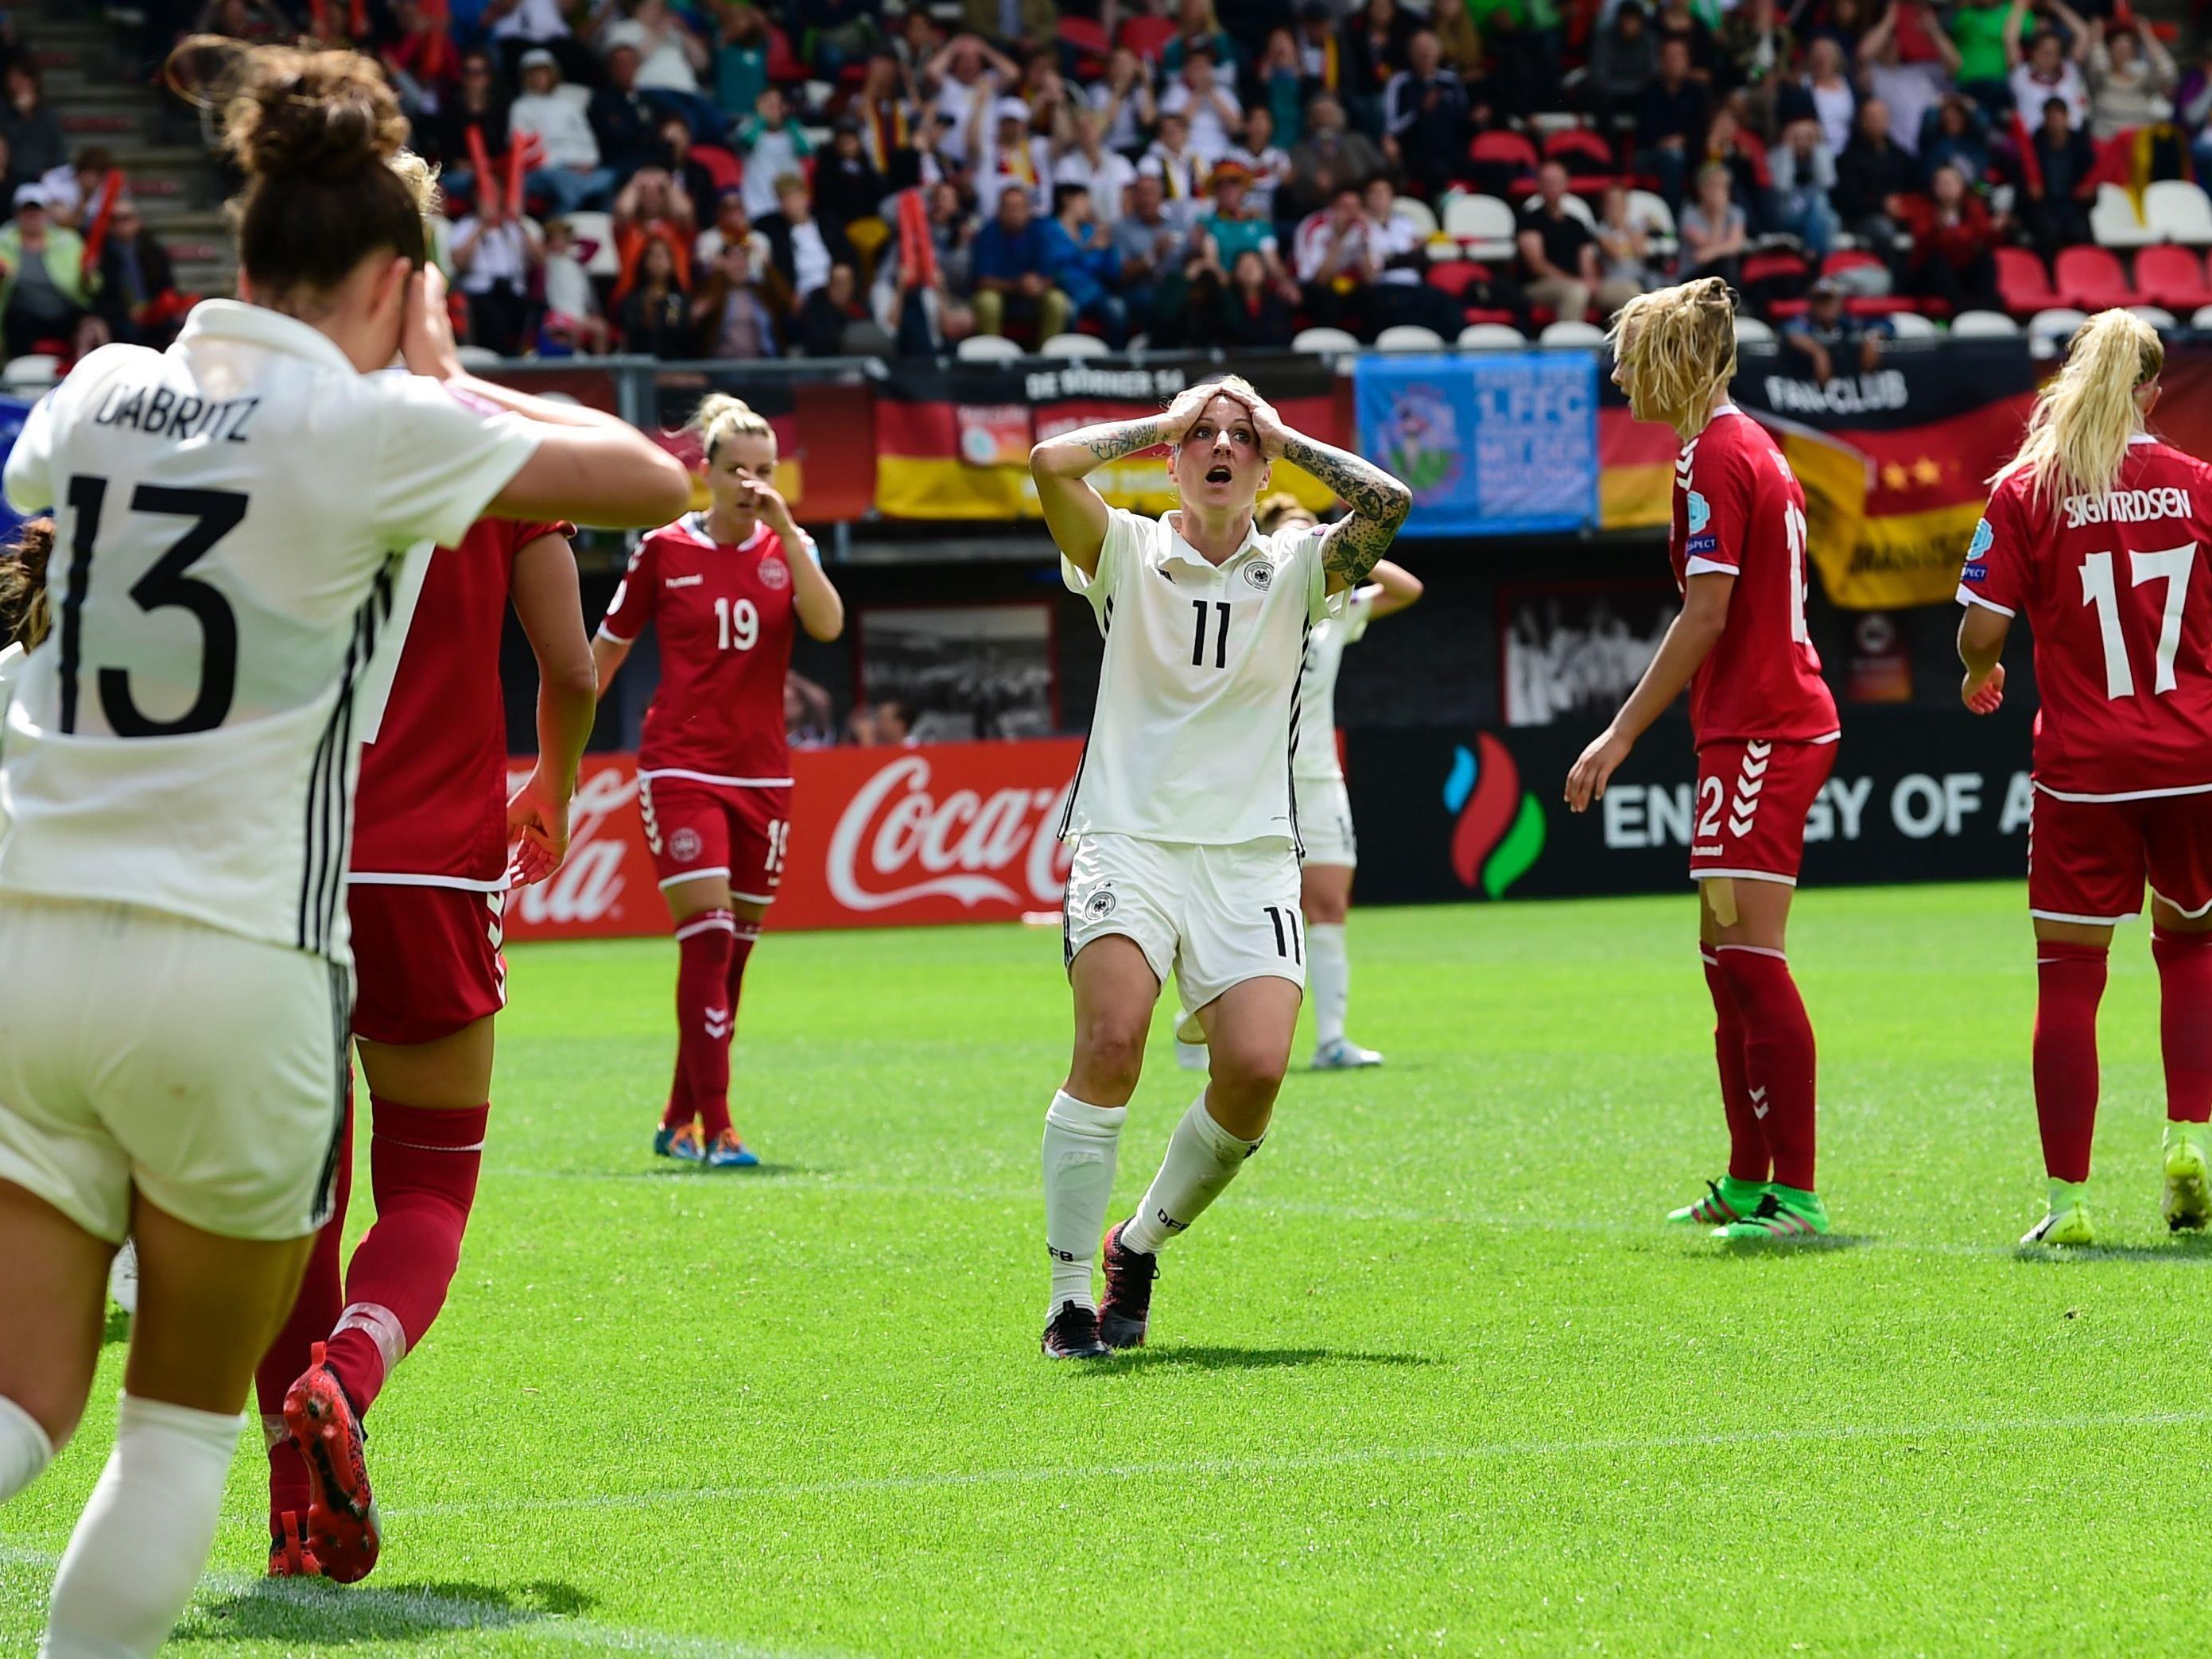 Serien-Europameister Deutschland muss nach dem Viertelfinale bereits die Heimreise antreten.